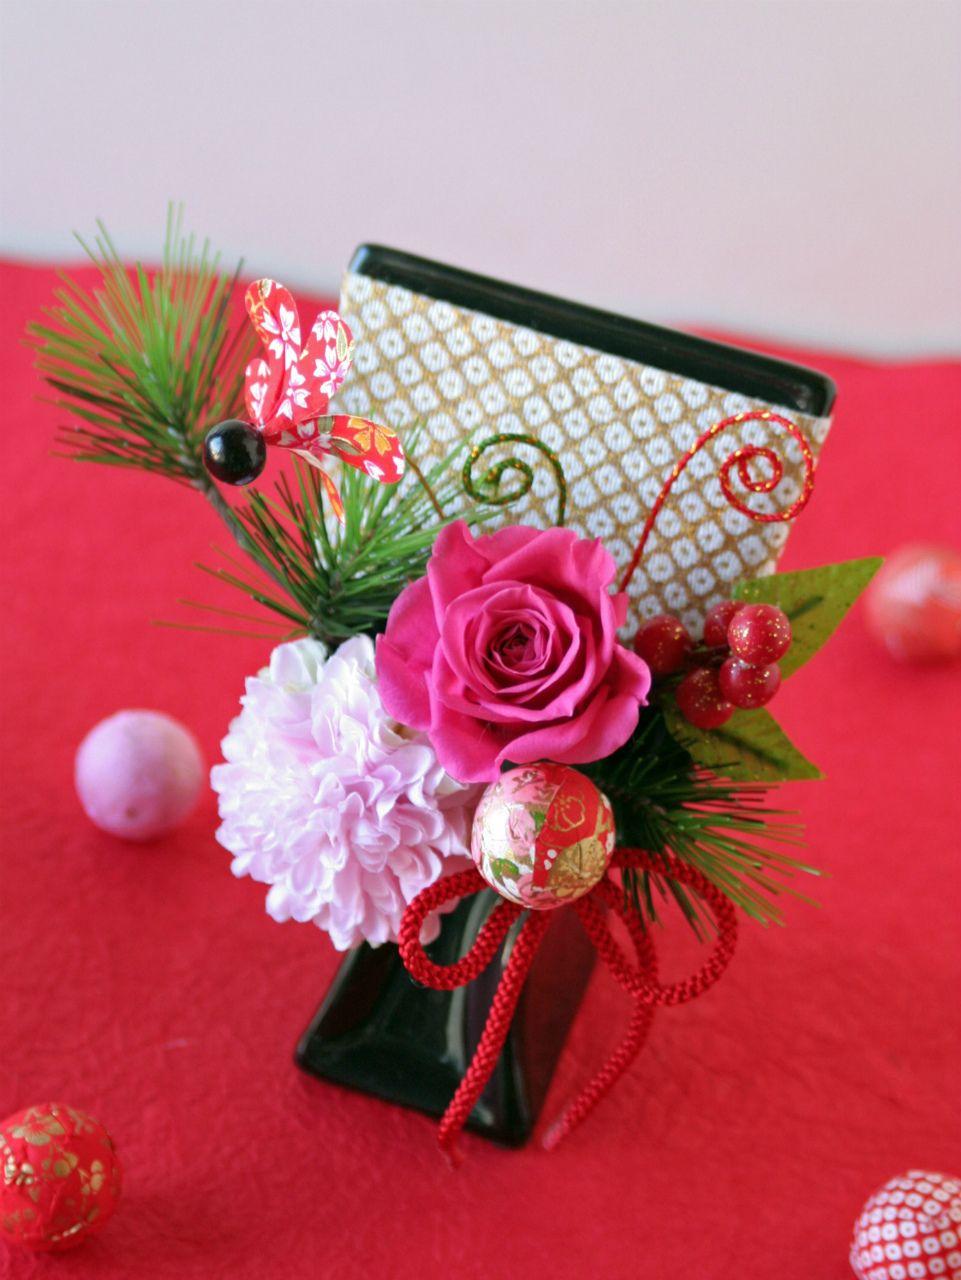 お正月のミニデコレーション 羽子板のプリザーブドフラワーアレンジメント ピンク